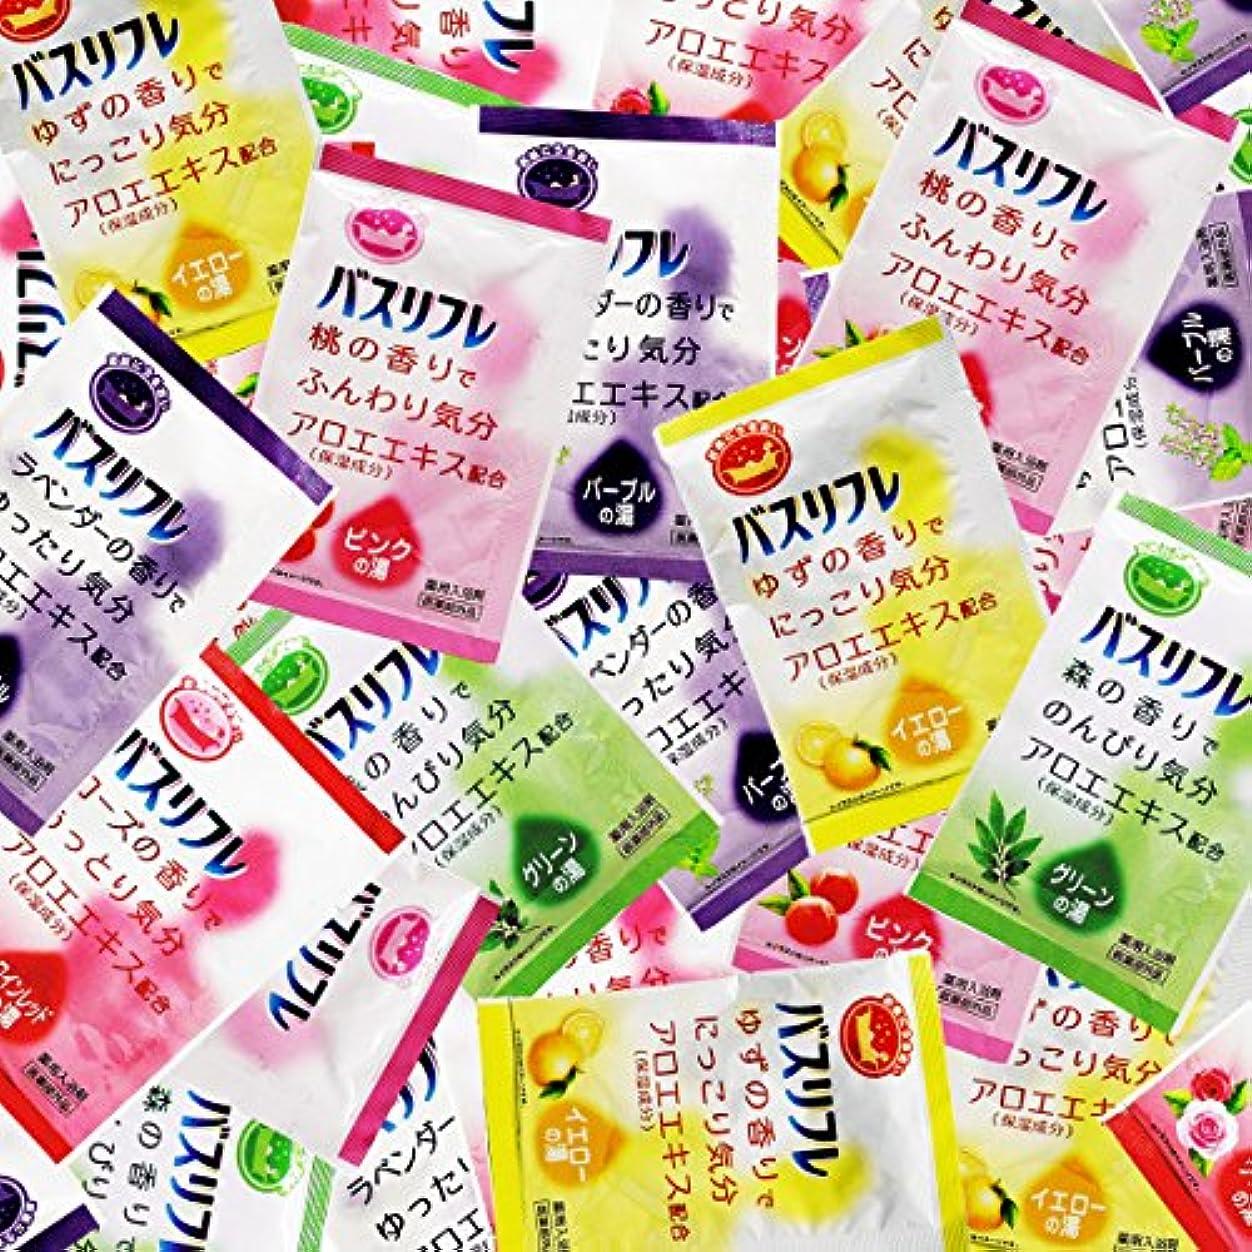 細断押す事前薬用入浴剤 バスリフレ 5種類の香り アソート 120袋セット 入浴剤 詰め合わせ 人気 アロマ 福袋 医薬部外品